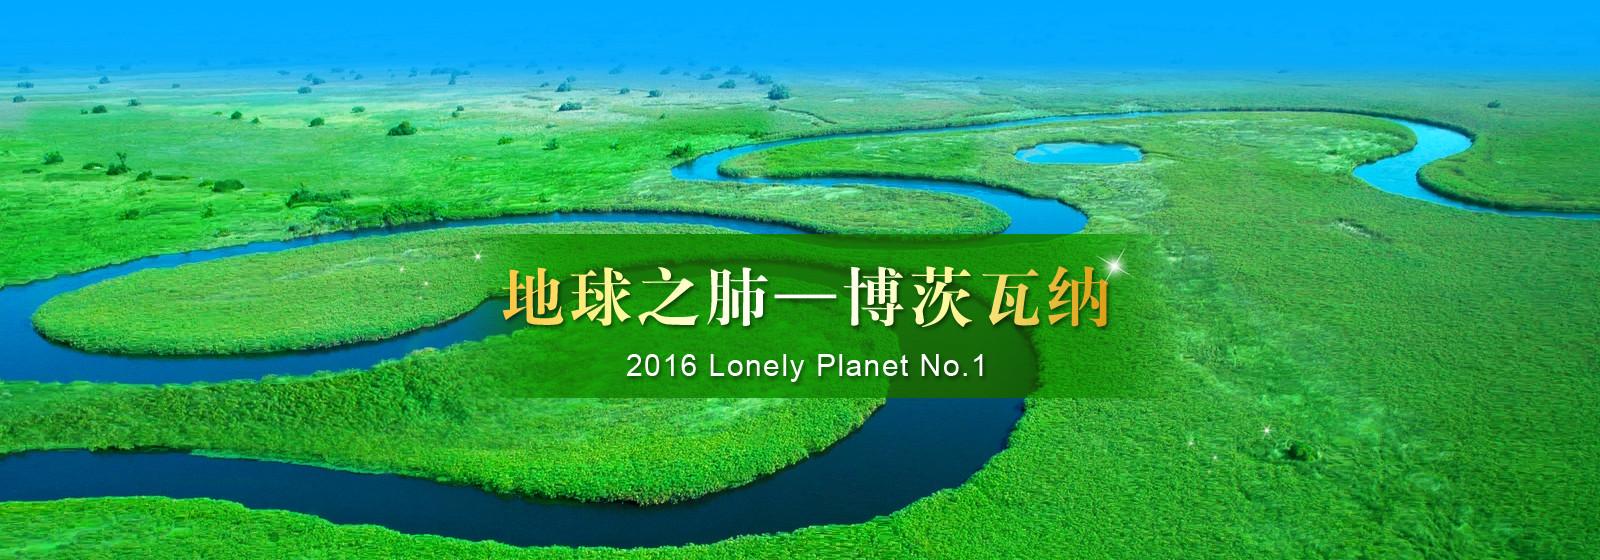 地球之肺_博茨瓦纳_2016 Lonely Planet No.1